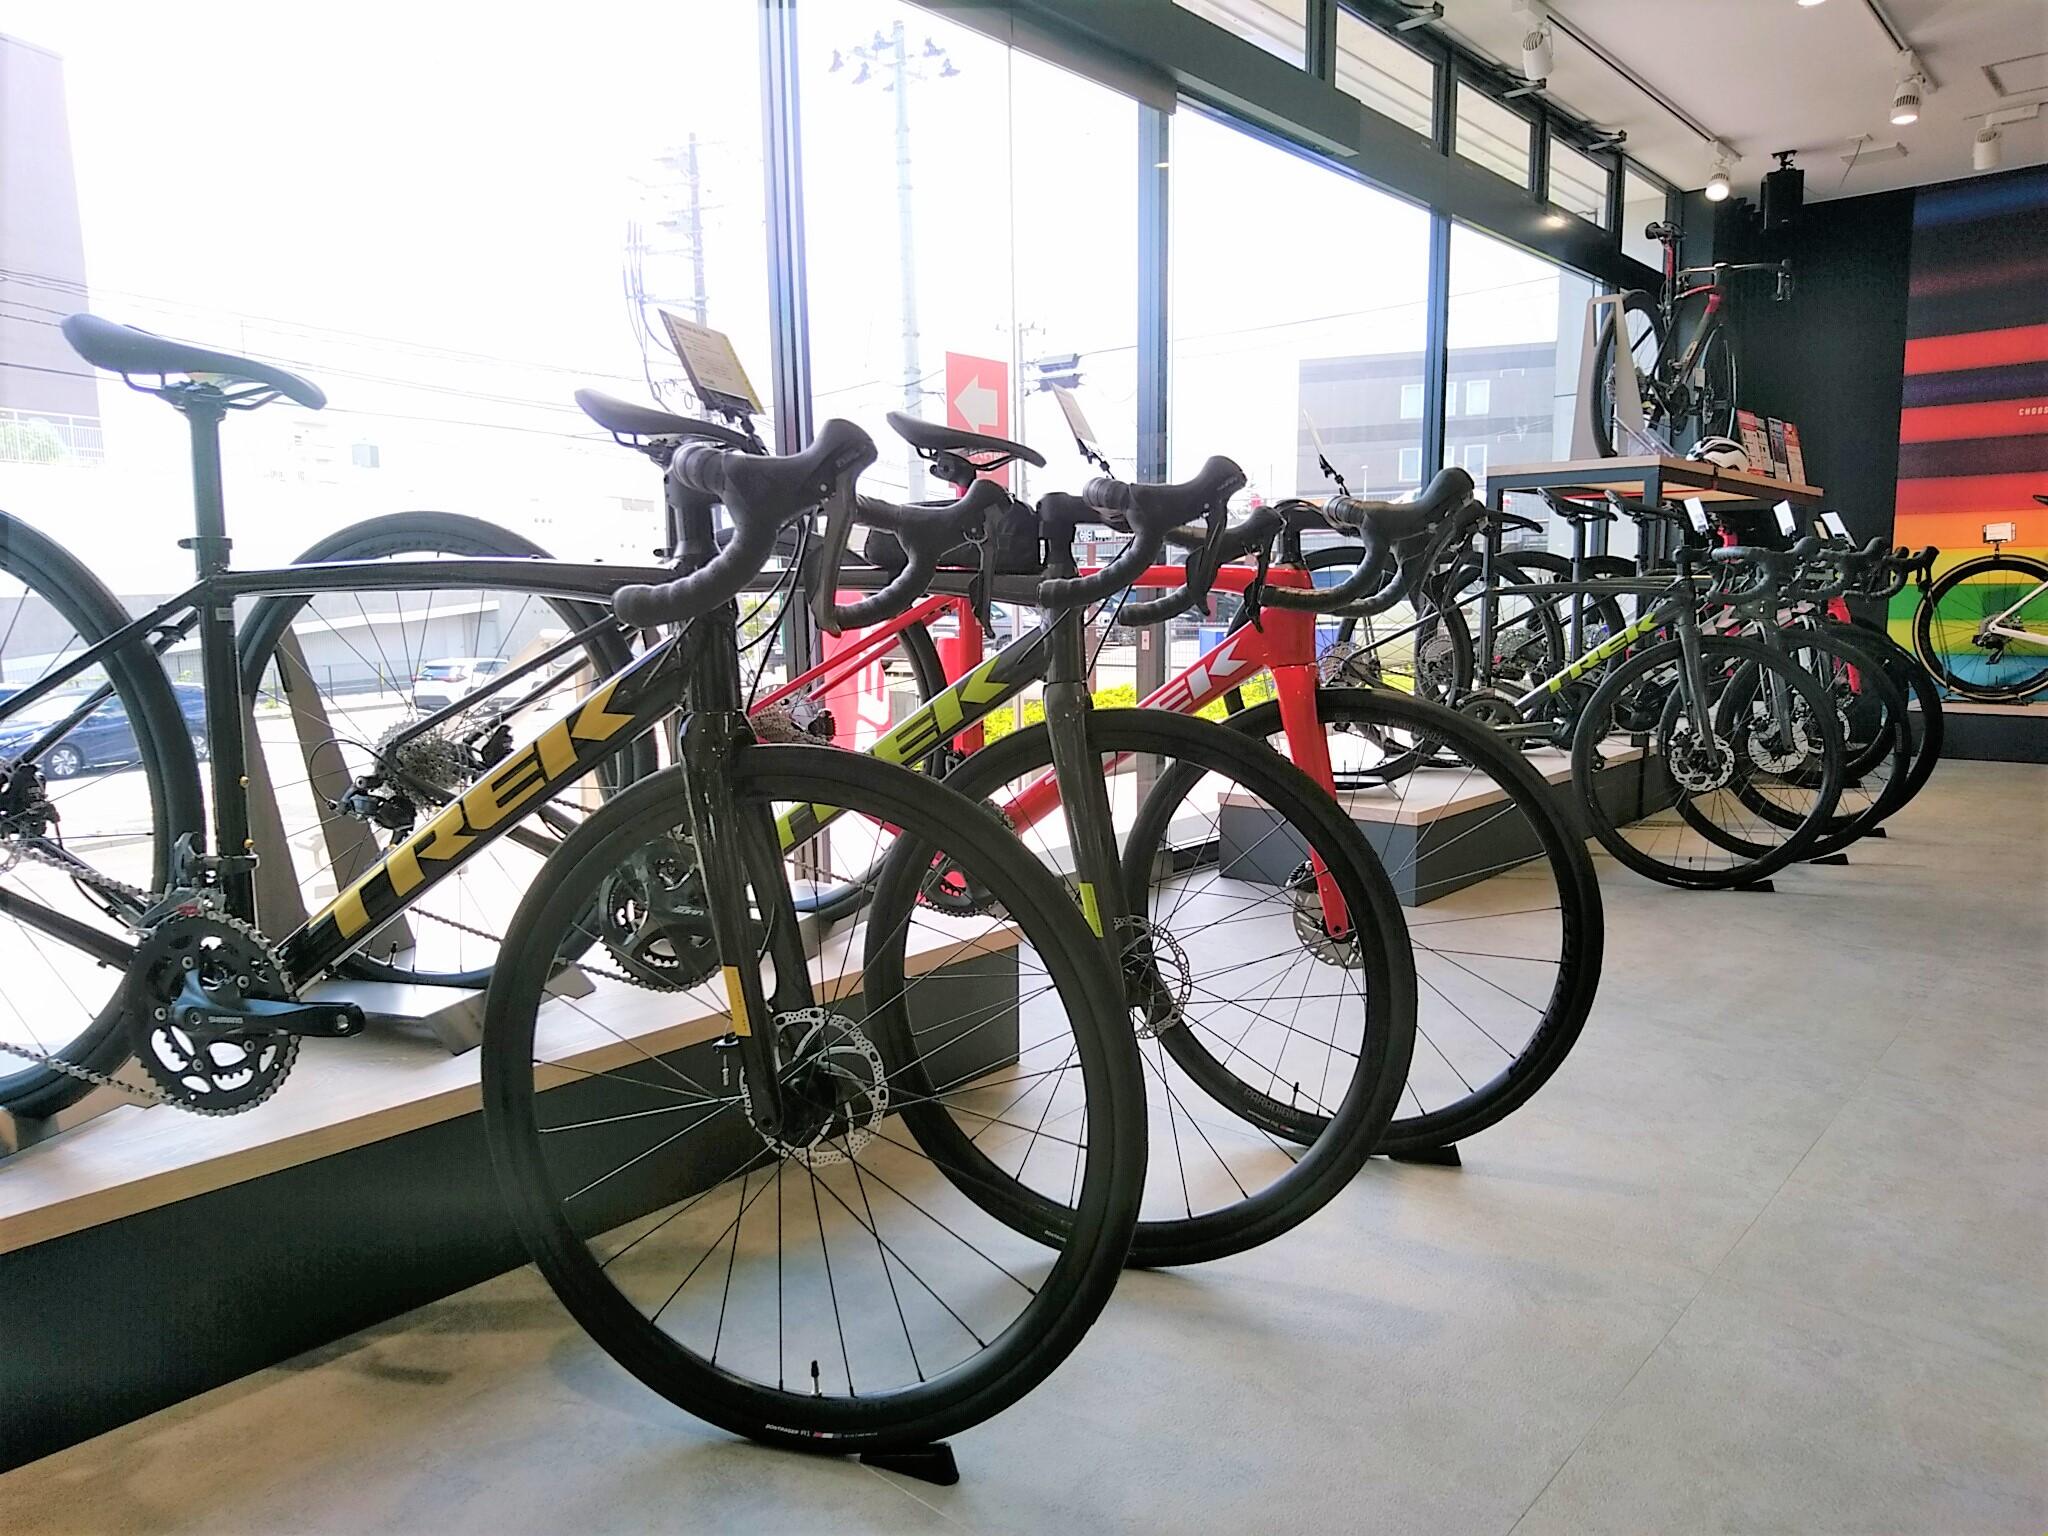 【クロスバイク、ロードバイク在庫状況】TREK Bicycle 仙台泉中央店 ※8月1日現在